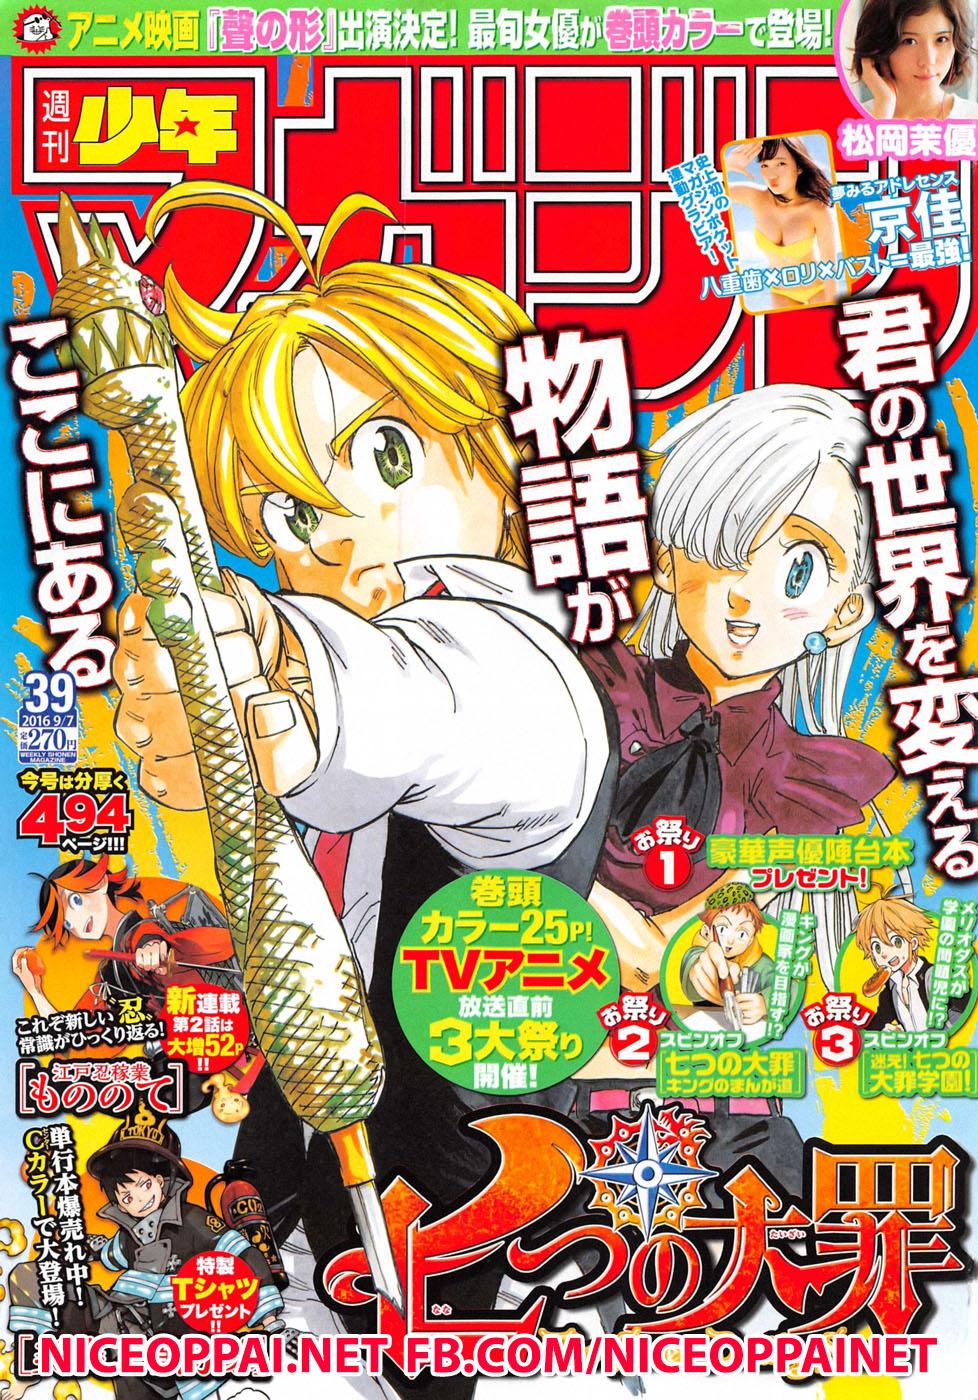 อ่านการ์ตูน Nanatsu No Taizai ตอนที่ 188 หน้าที่ 1